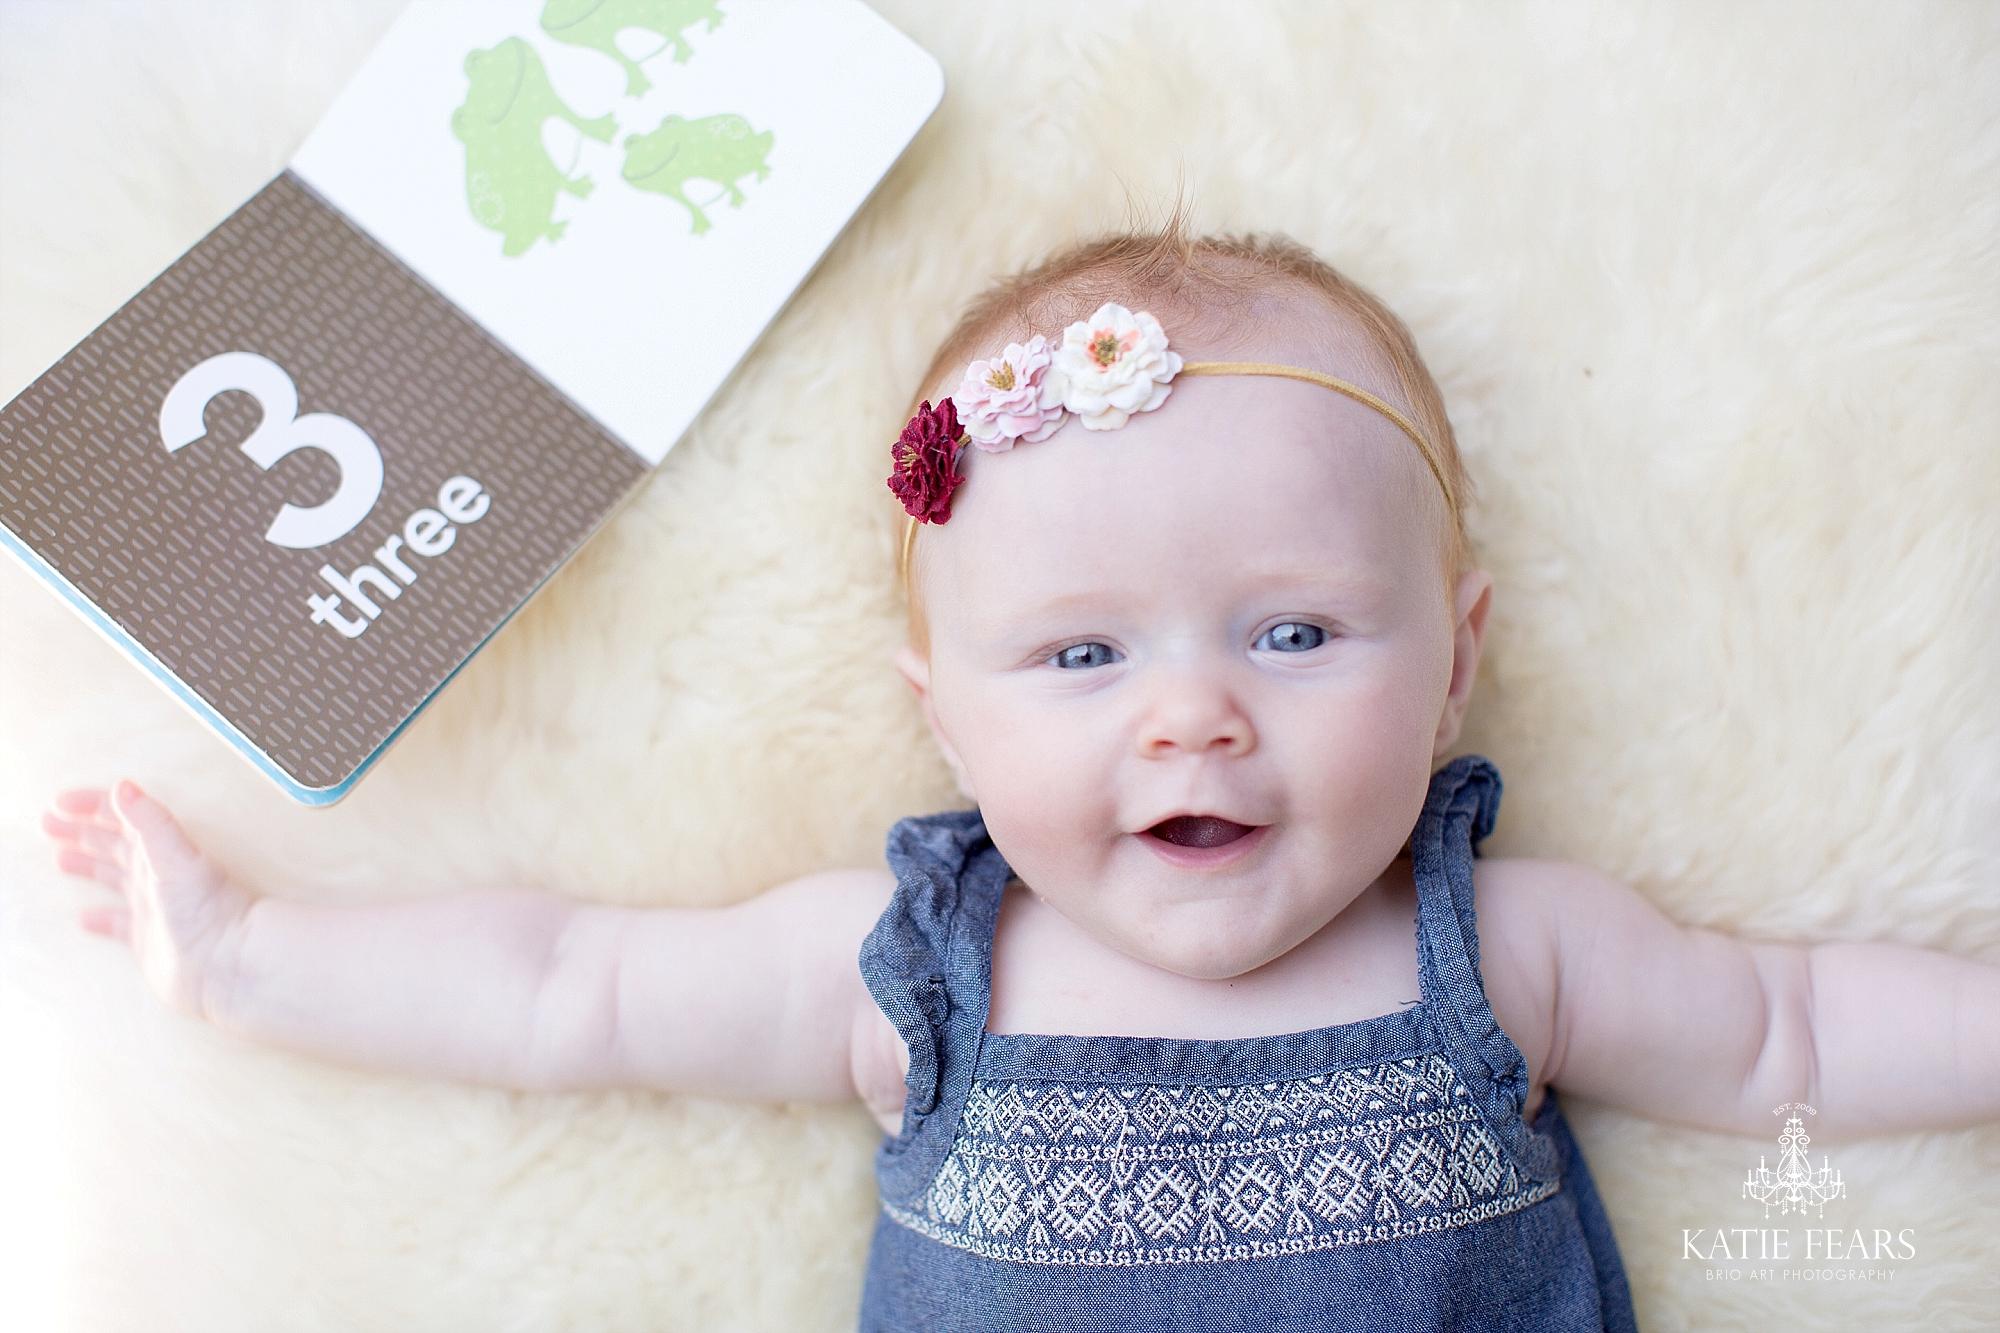 BrioArt-Katelyn 3 months-011_WEB.jpg